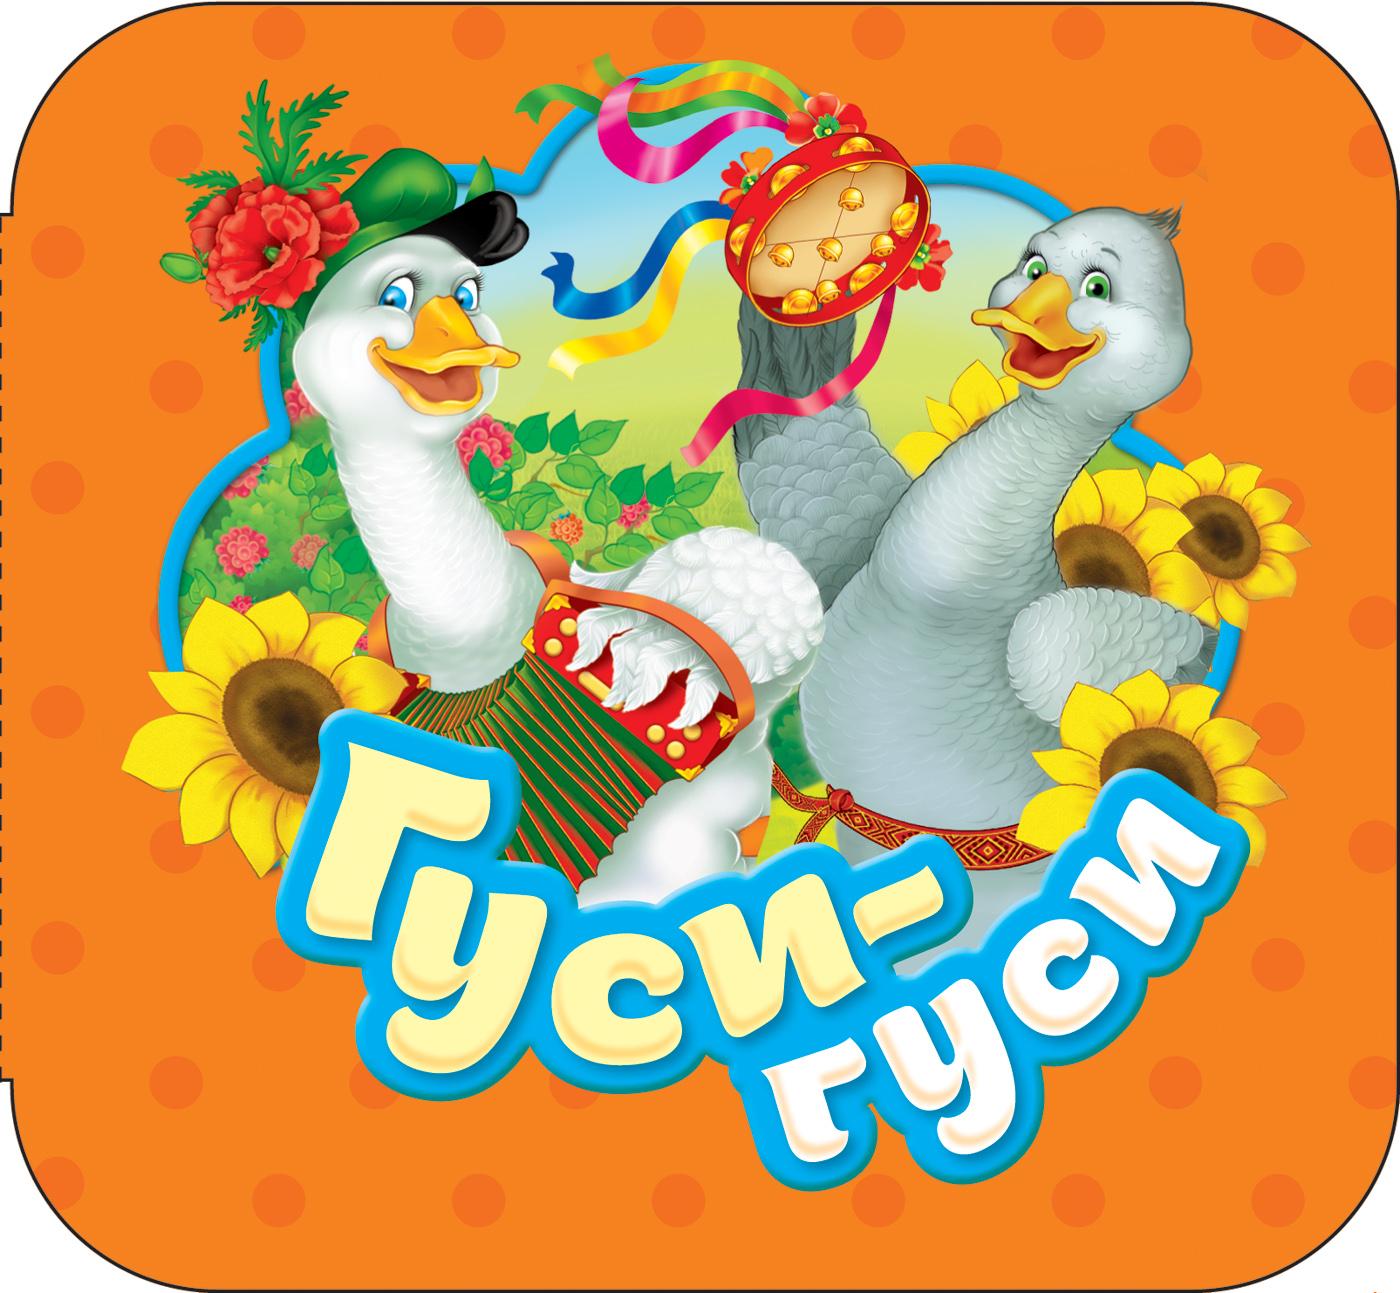 Котятова Н. И. Гуси-гуси (Гармошки) пудреница пастушок мстёра